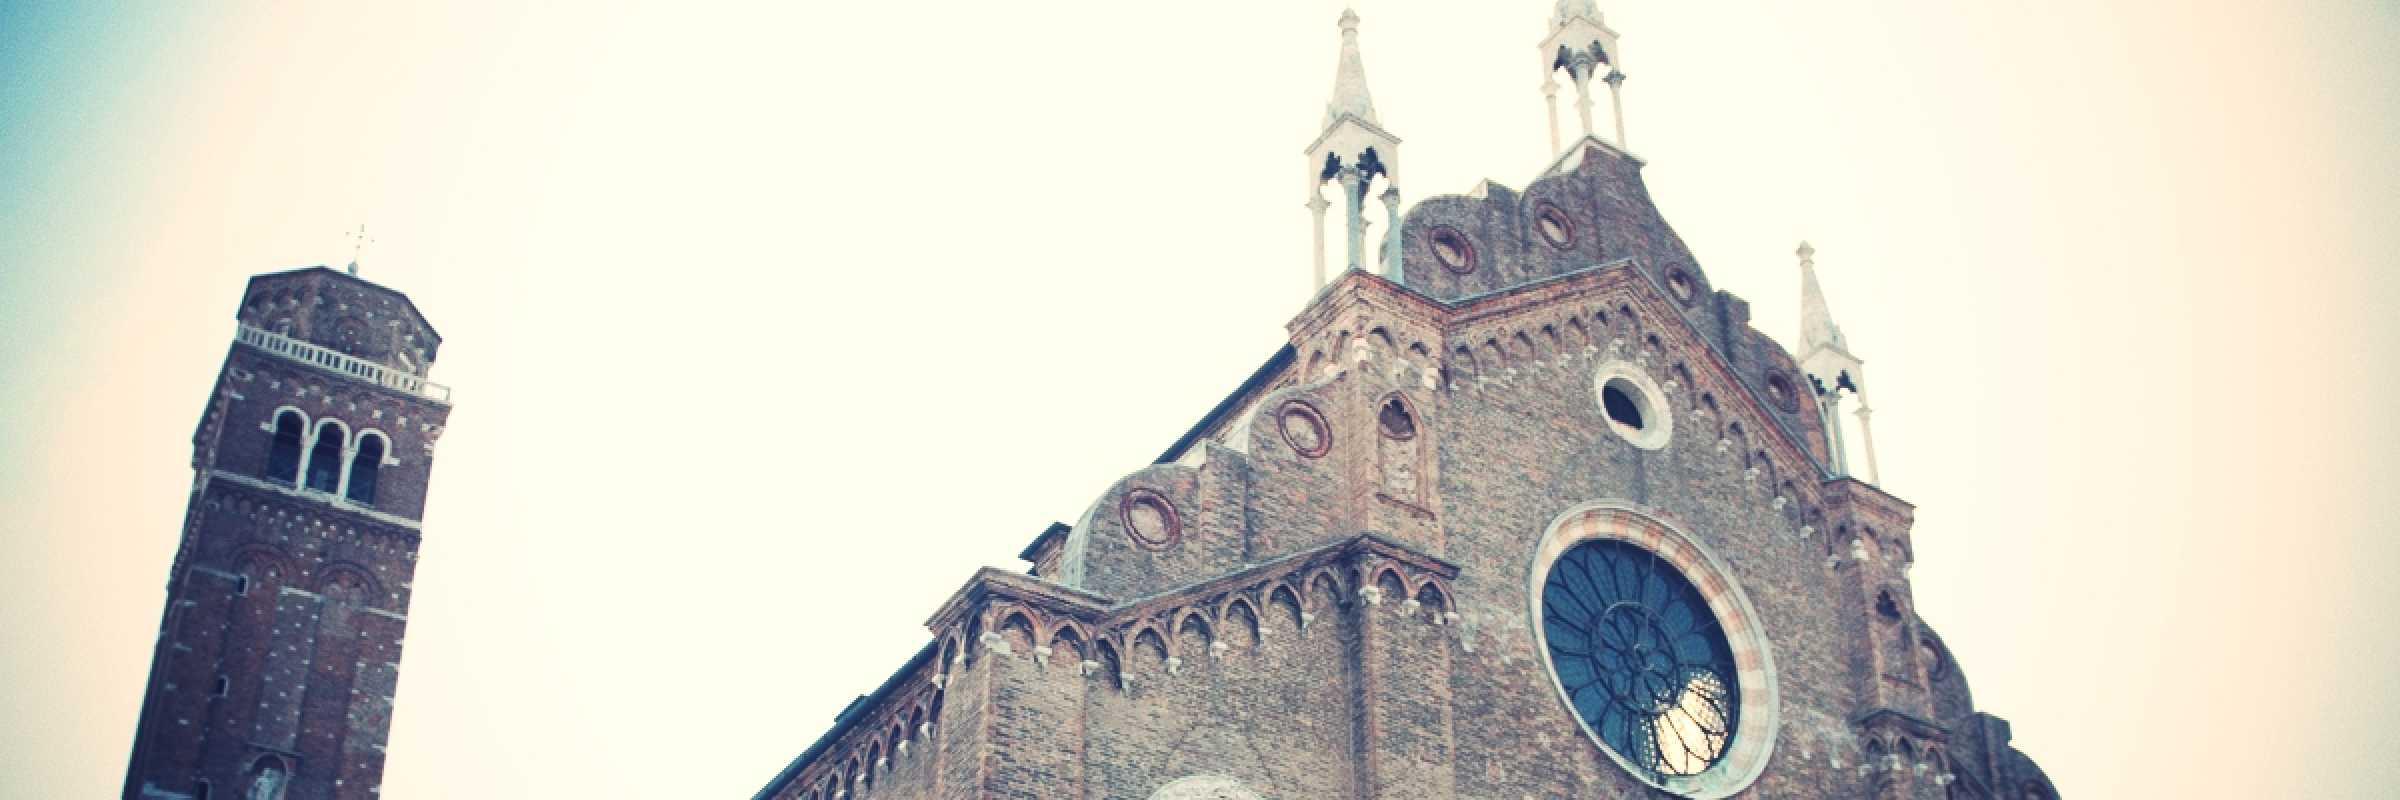 La Basilica di Santa Maria Gloriosa dei Frari